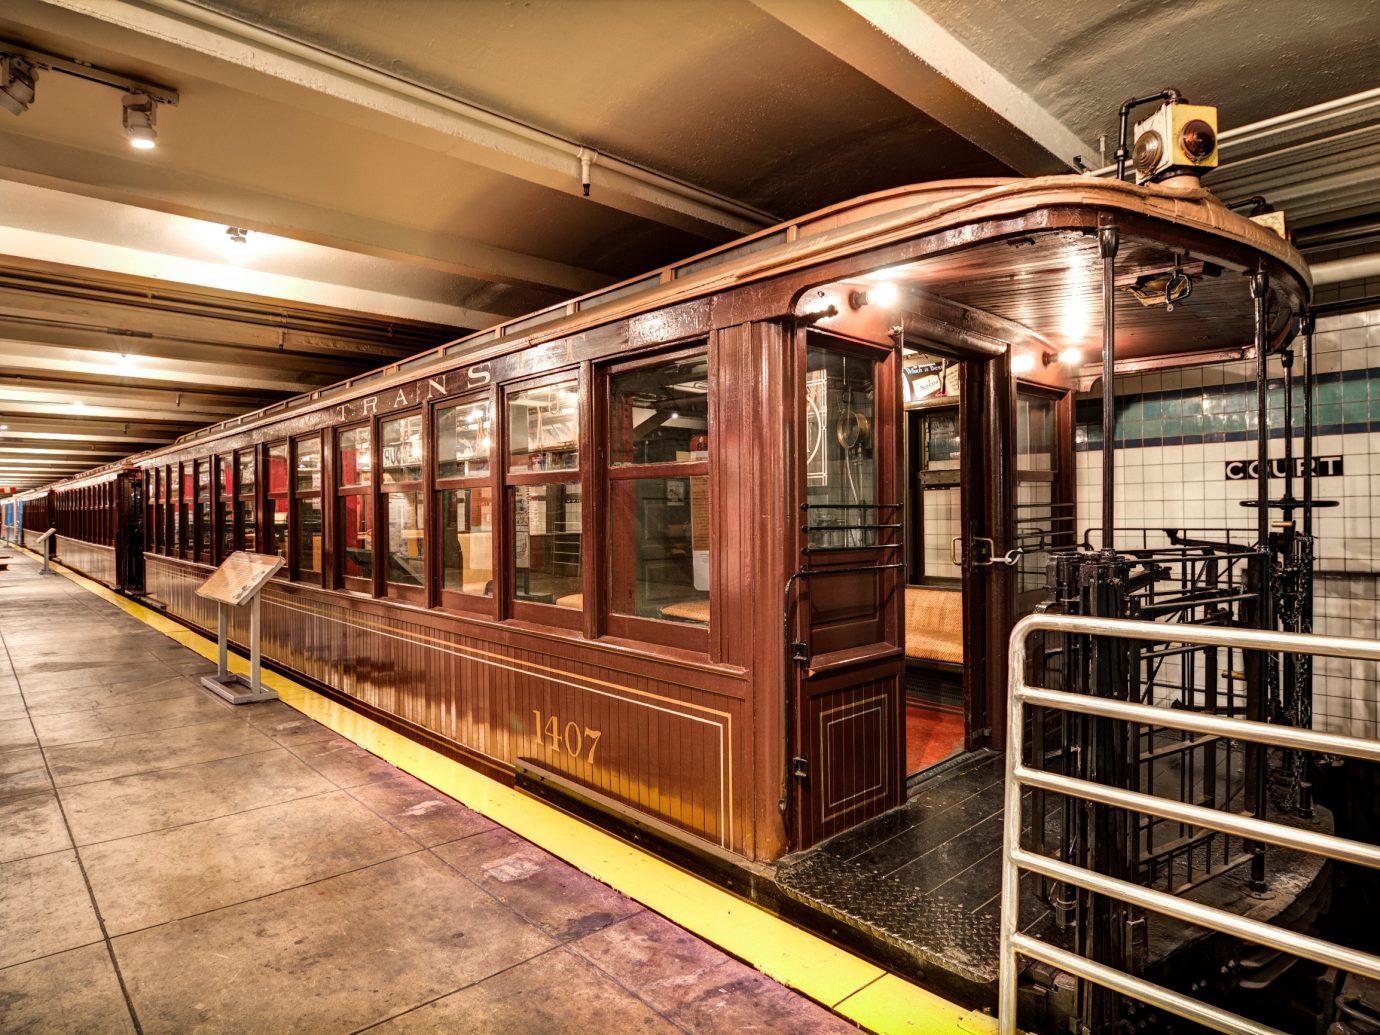 very old Brooklyn subway car on display